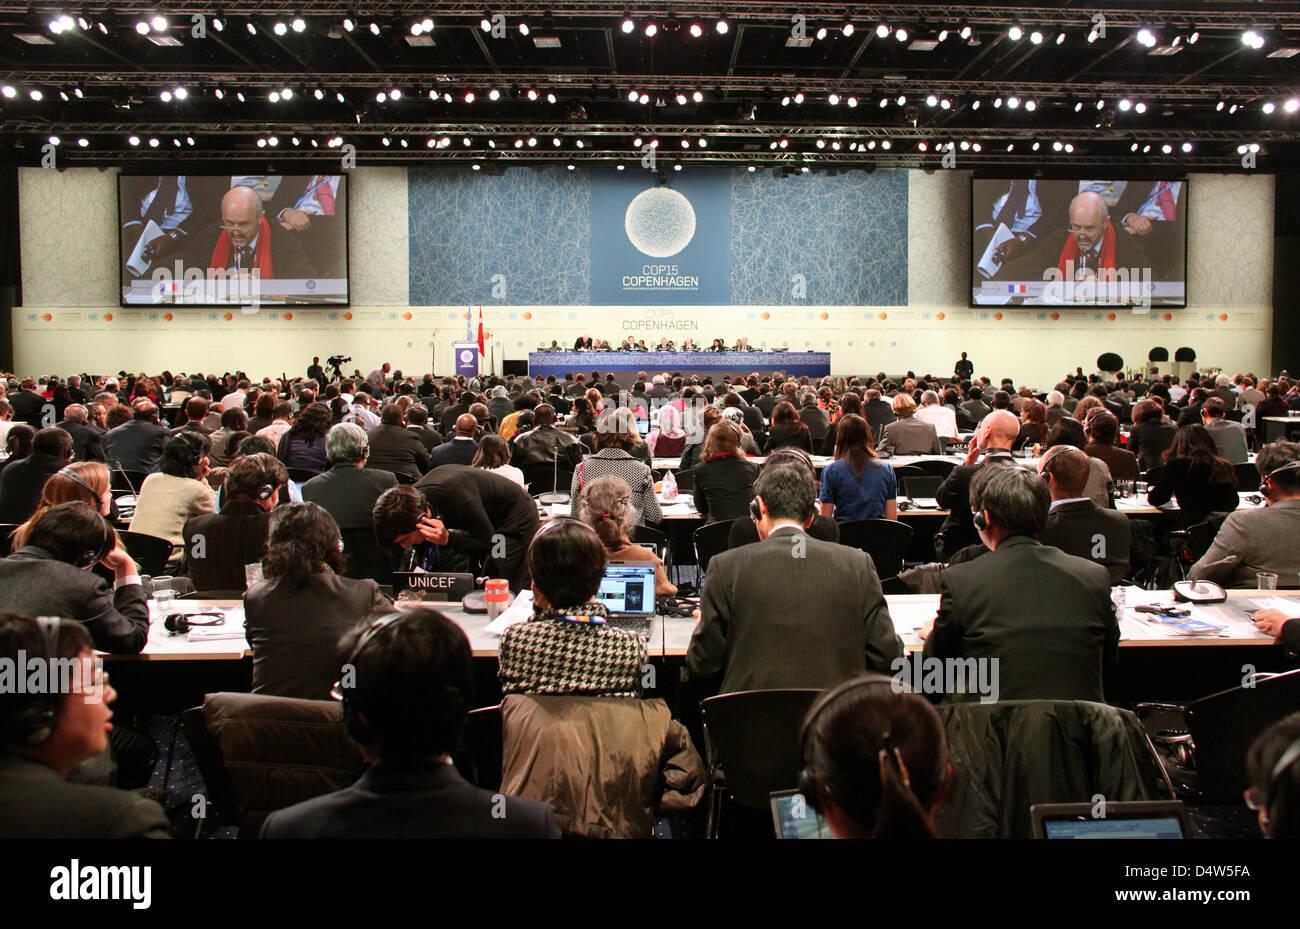 Zahlreiche Delegierte nehmen am frühen Samstagmogen (19.12.2009) in Kopenhagen an der UN-Klimakonferenz teil. Beim Kopenhagener Weltklimagipfel hat das Plenum die Abschlussvereinbarung lediglich «zur Kenntnis» genommen. Nach einer chaotischen Nachtsitzung verzichteten die Delegierten darauf, wie sonst üblich über alle Punkte einzeln abzustimmen. Foto: Kay Nietfeld dpa Stock Photo